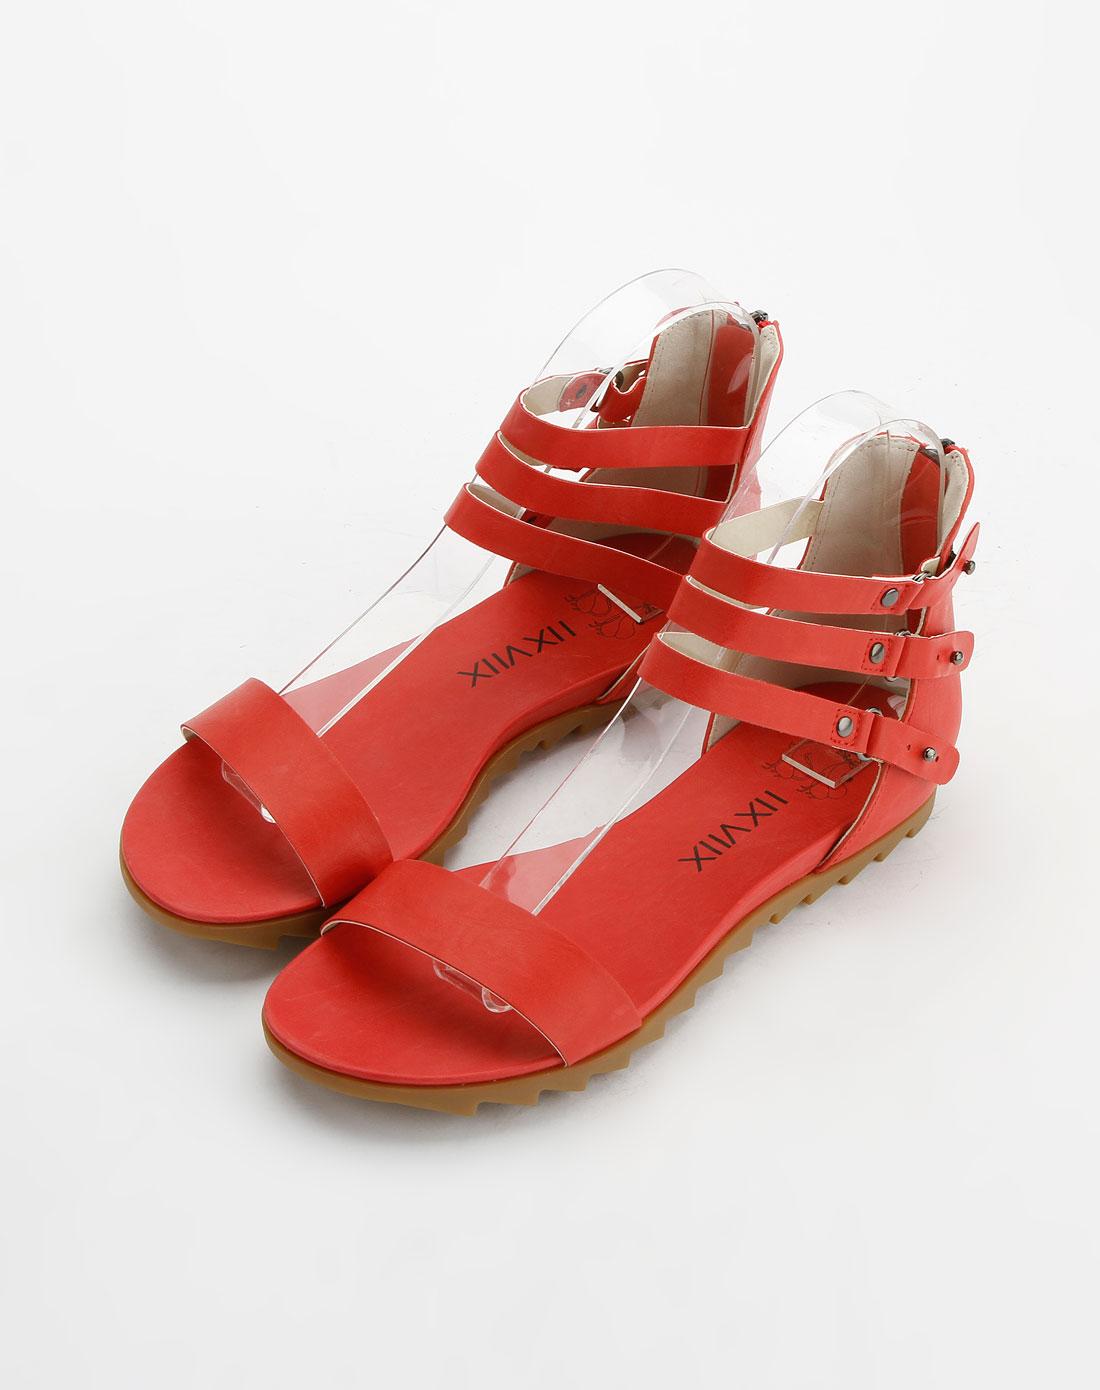 女款红色时尚简约平底凉鞋